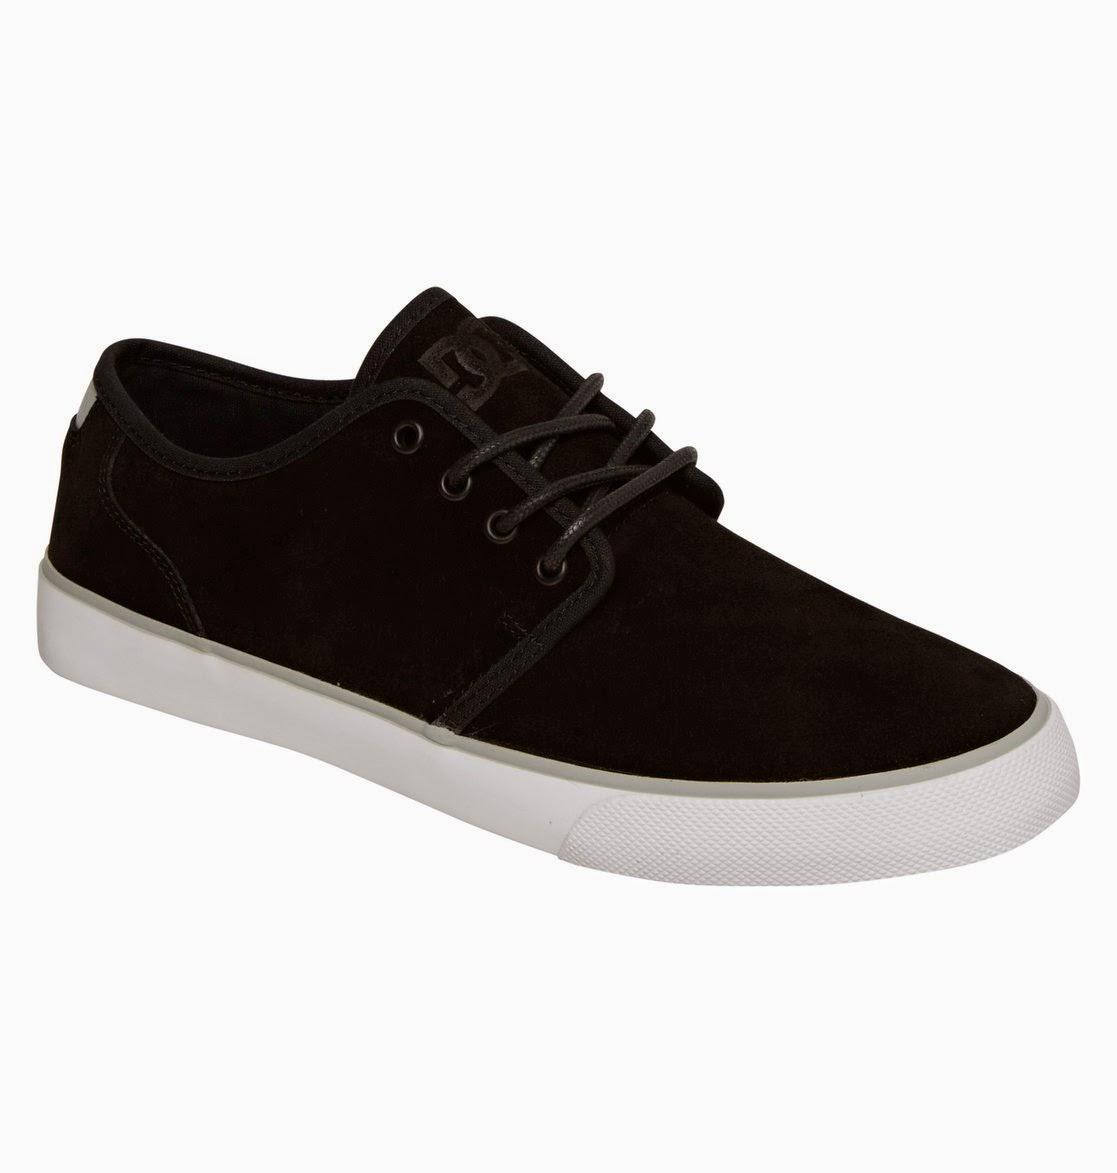 DC Shoes Bristols Canvas Womens Shoe - Zapatillas, color Turqoise White, talla 5